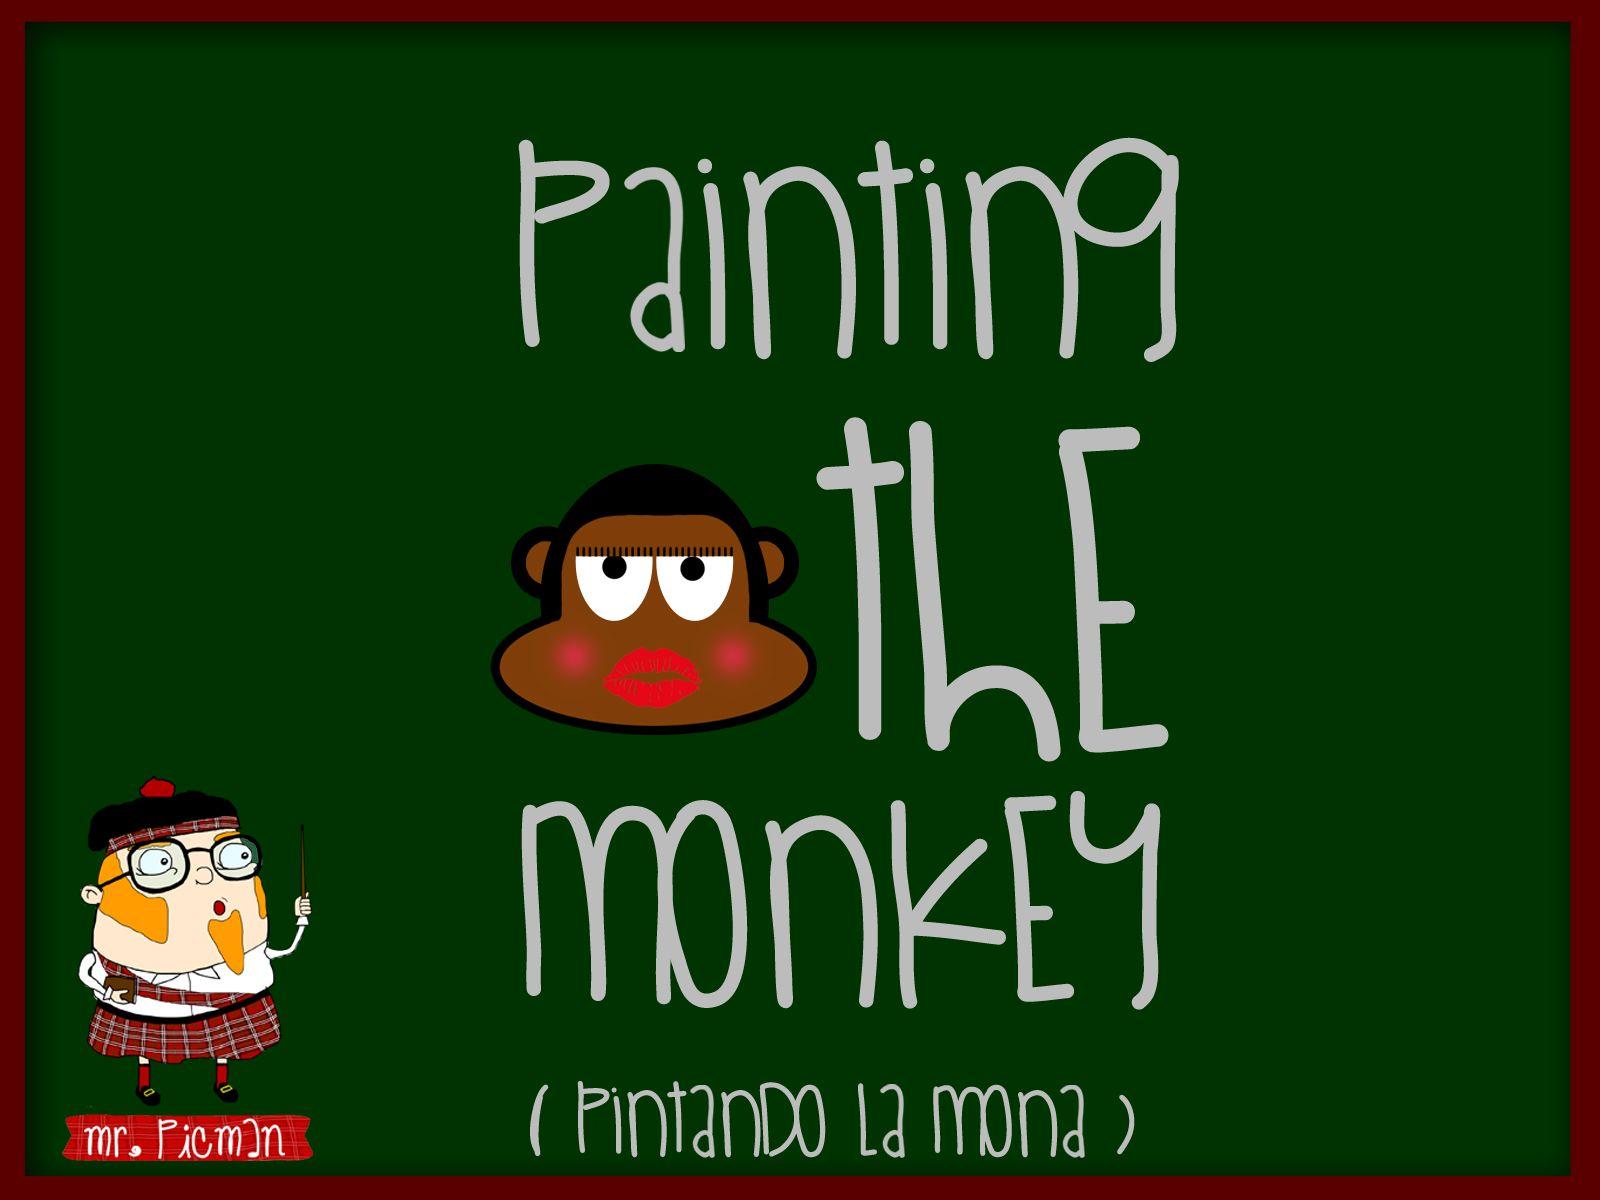 Aprende inglés con el profesor Mr. Picman: Painting the monkey (Pintando la mona)